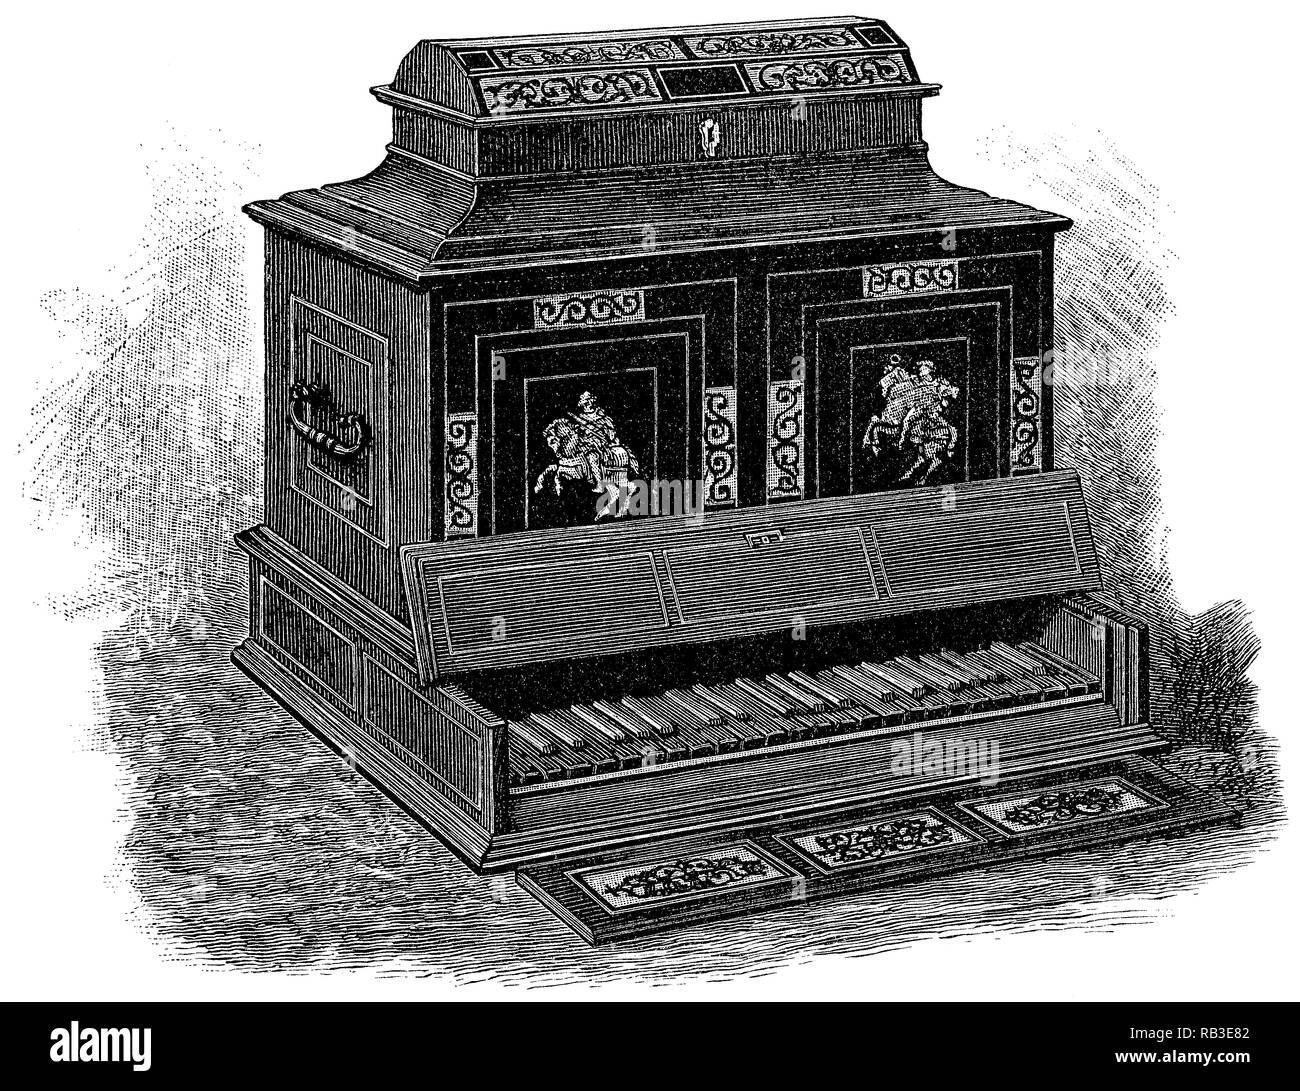 1884 Grabado de una octava en Italia en un gabinete Virginal desde aproximadamente 1600. Imagen De Stock